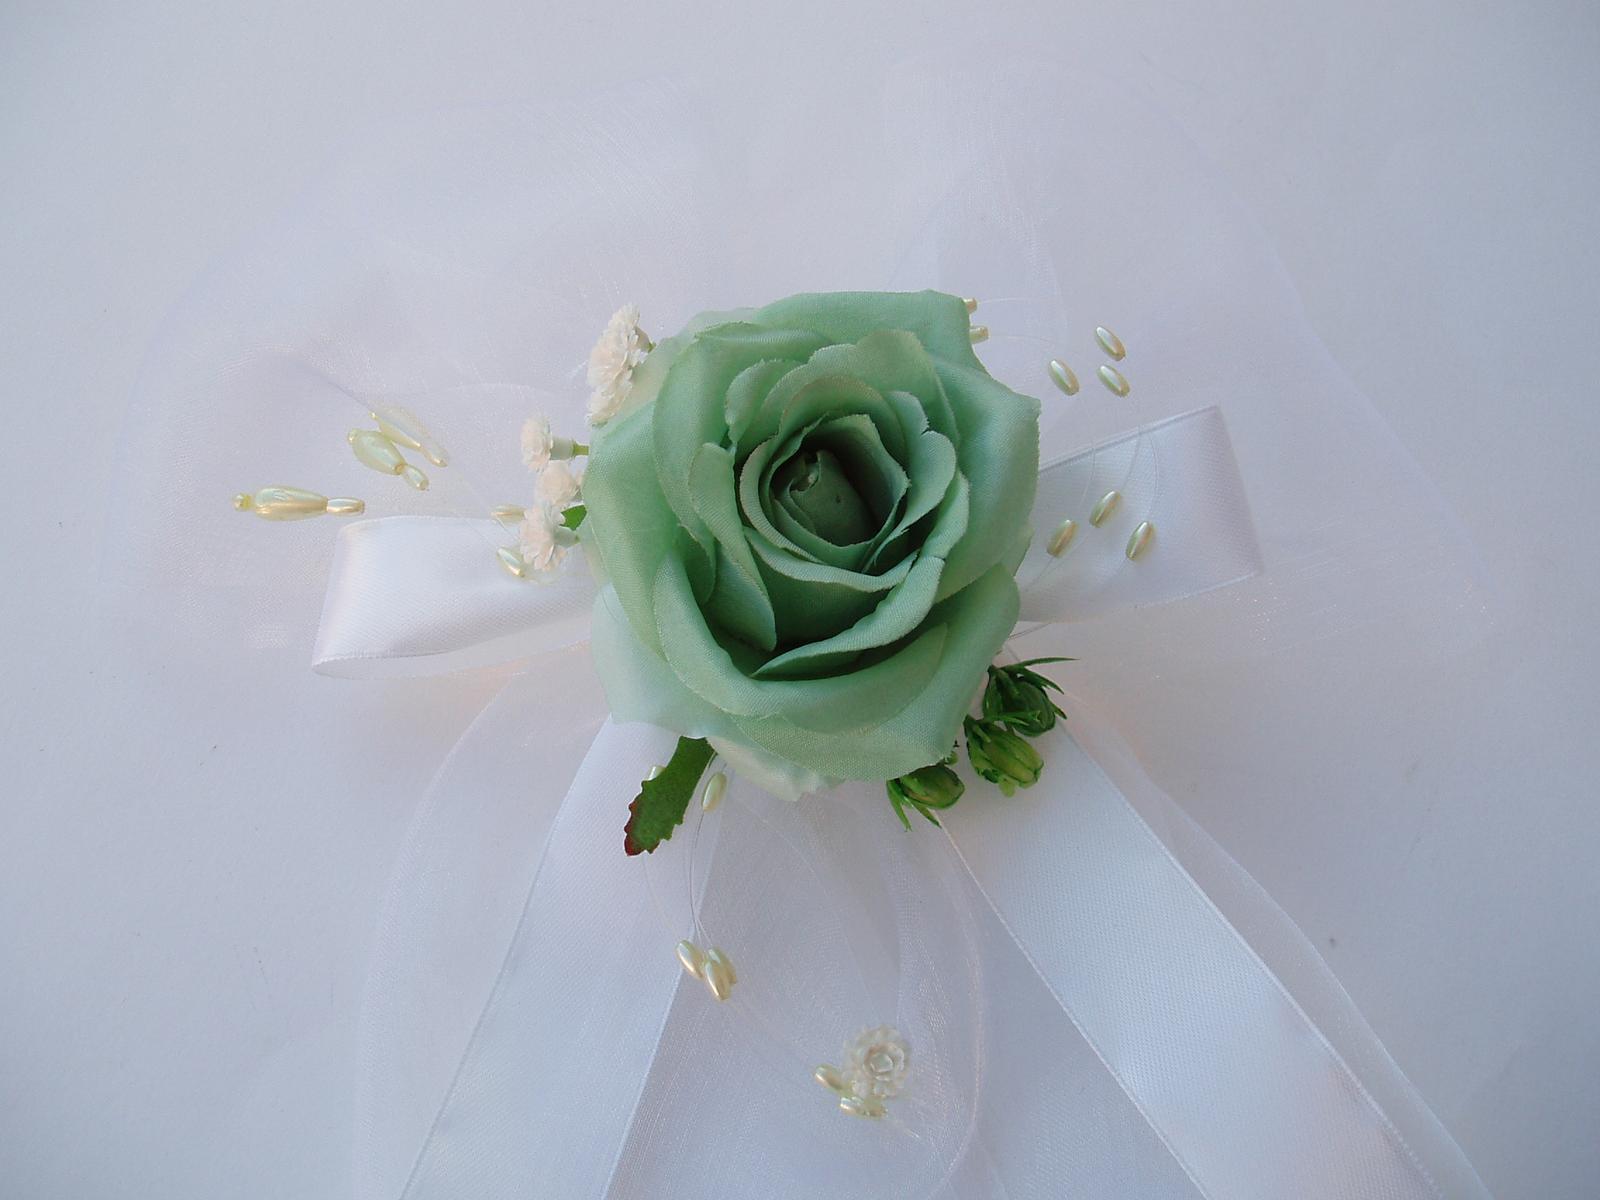 mašle na zrcátka-zelená - Obrázek č. 1